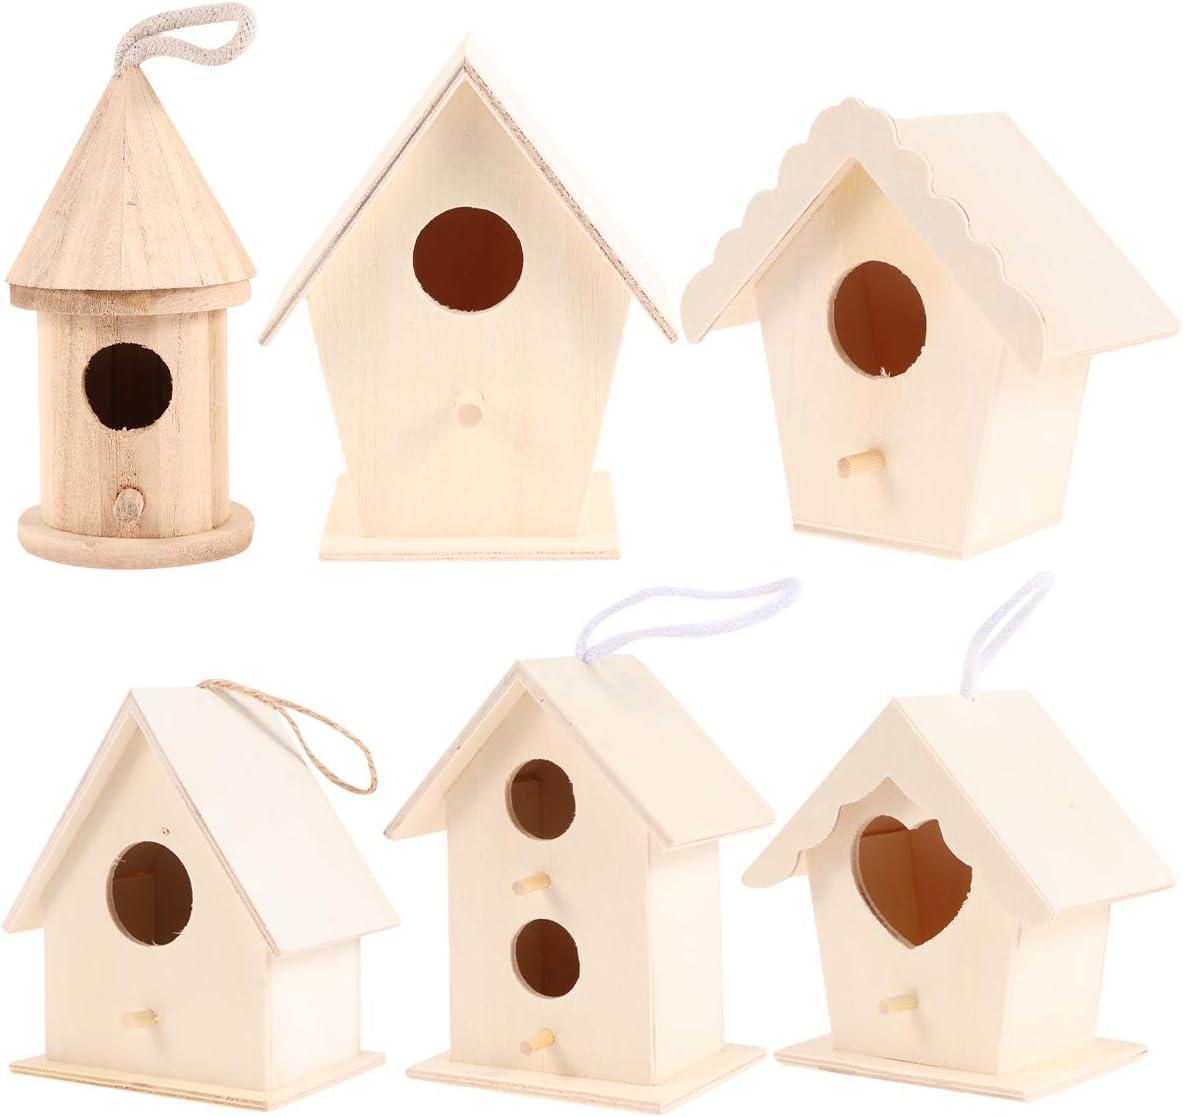 6 piezas DIY sin terminar simulación jaula de pájaros decoración de madera casa DIY juguetes educativos artesanales para el hogar Graffiti (estilo mixto)